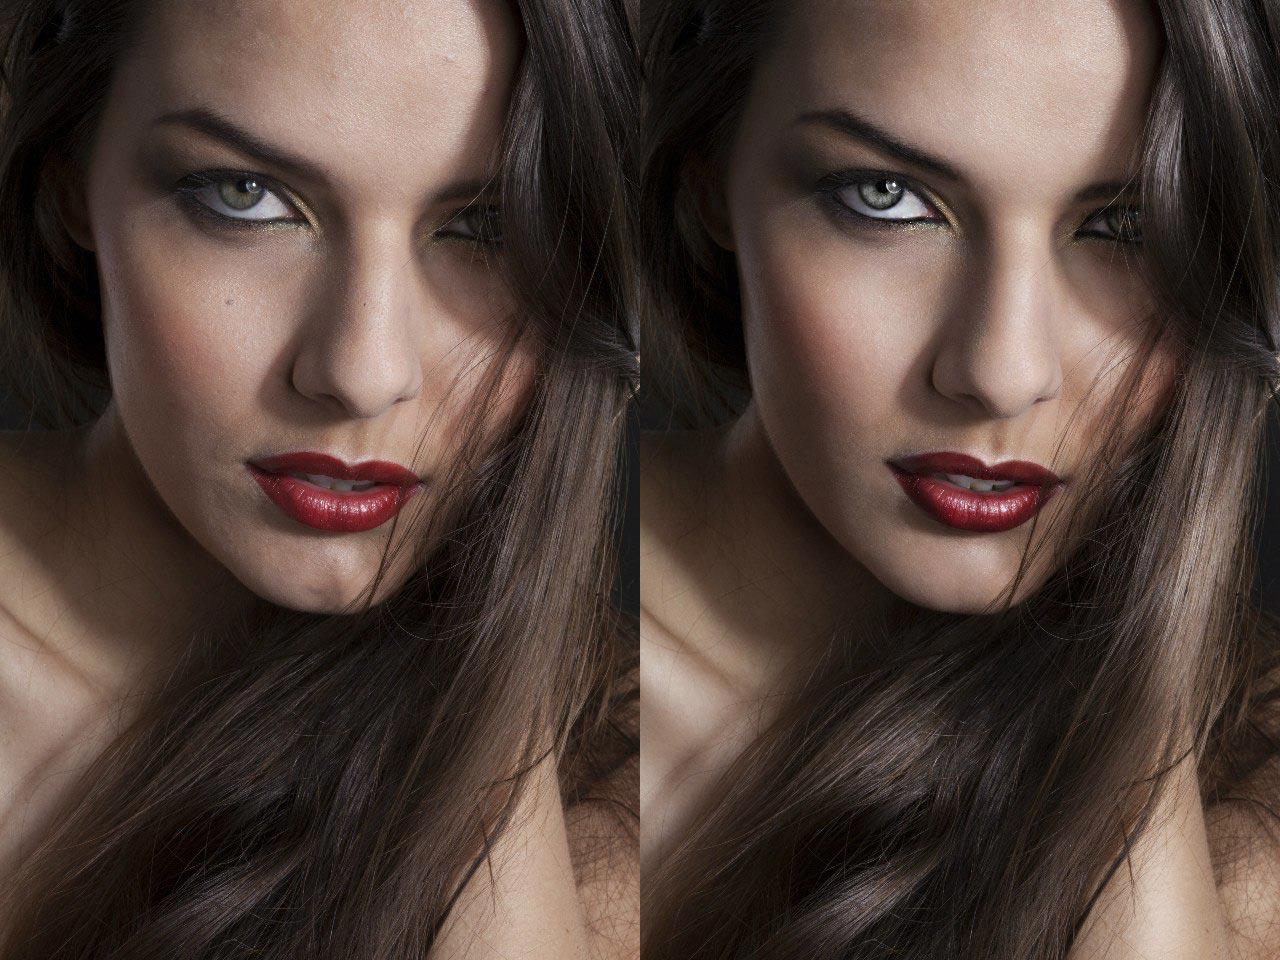 незначительно изменяется обработка фото с переливающимся эффектом останавливайтесь достигнутом